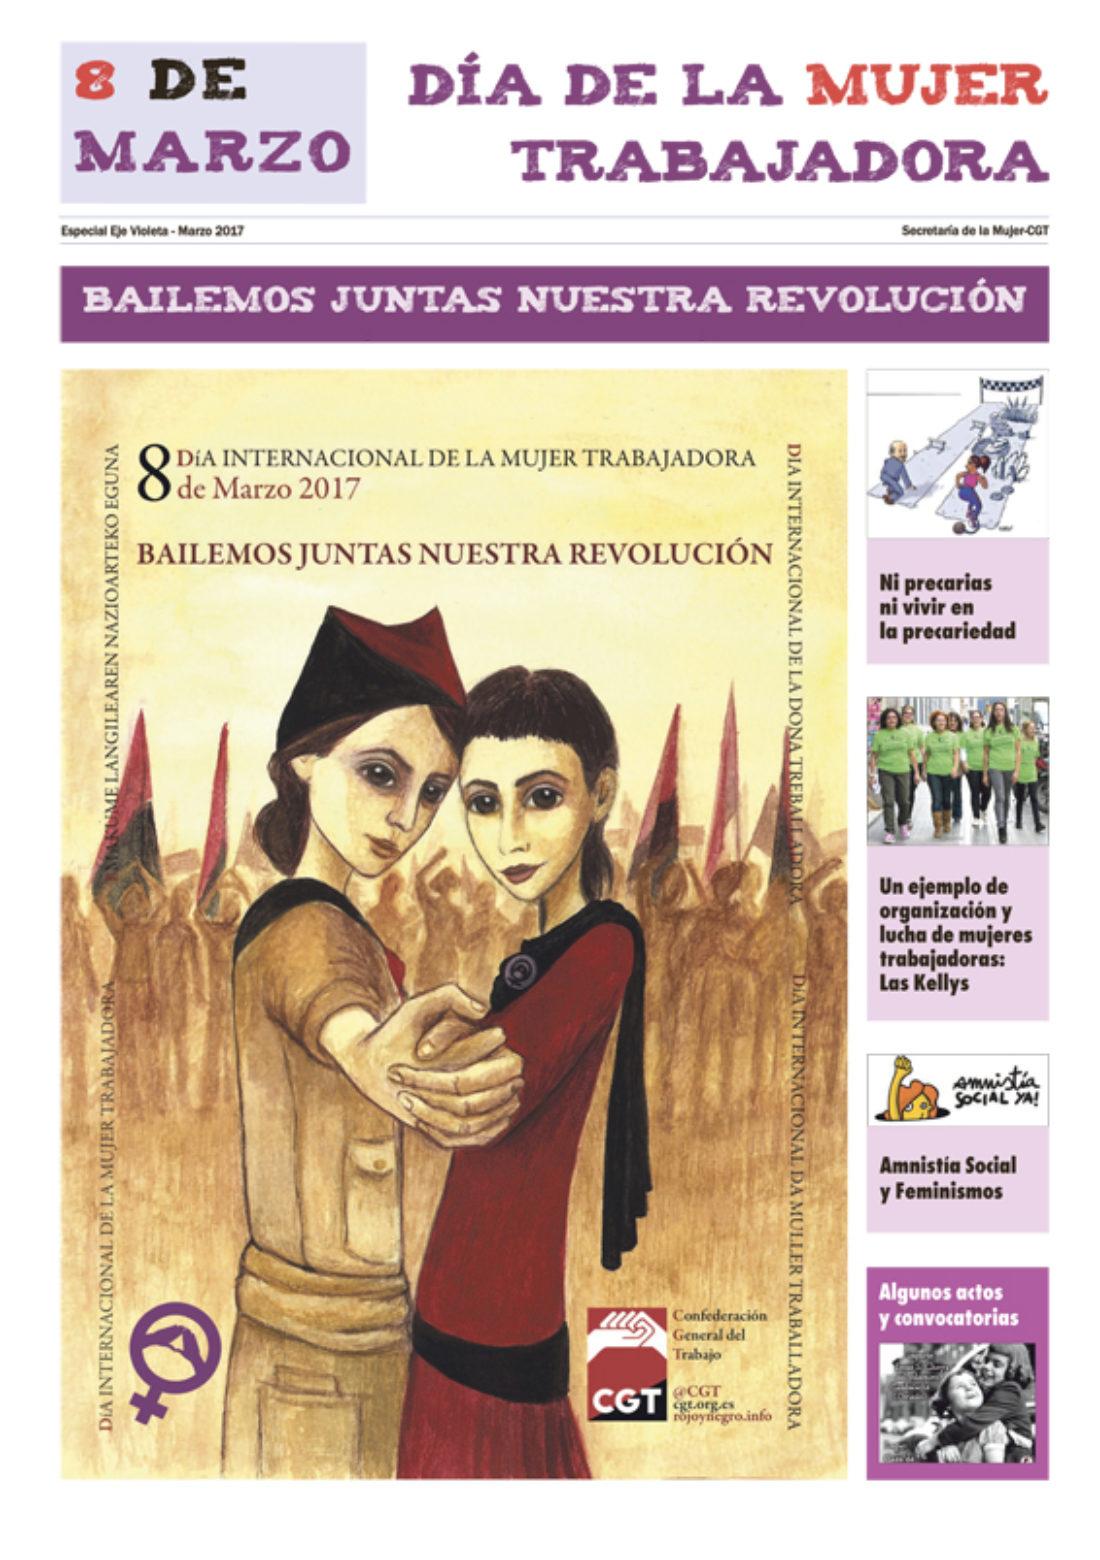 8 de Marzo, Día Internacional de la Mujer Trabajadora: ¡Bailemos juntas nuestra revolución!, marzo 2017